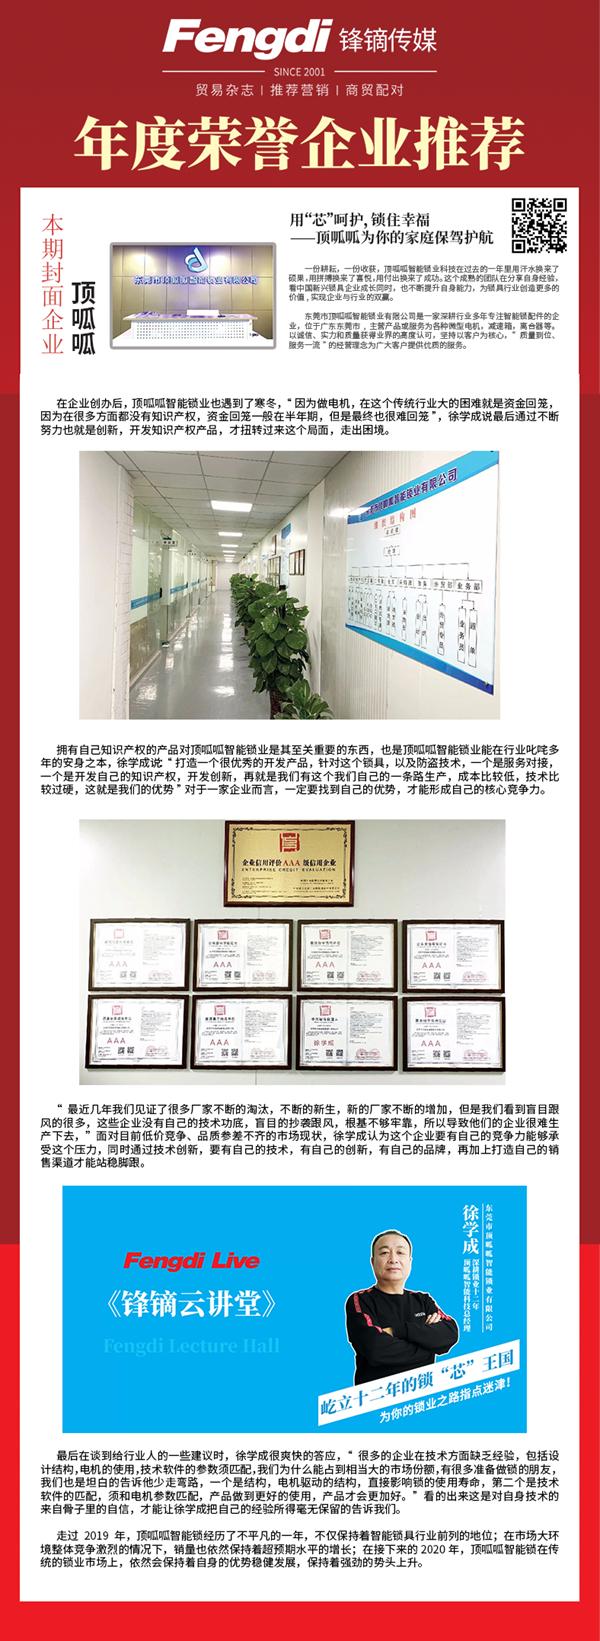 锁具年度荣誉企业推荐第一期nichuanbo_副本11.jpg